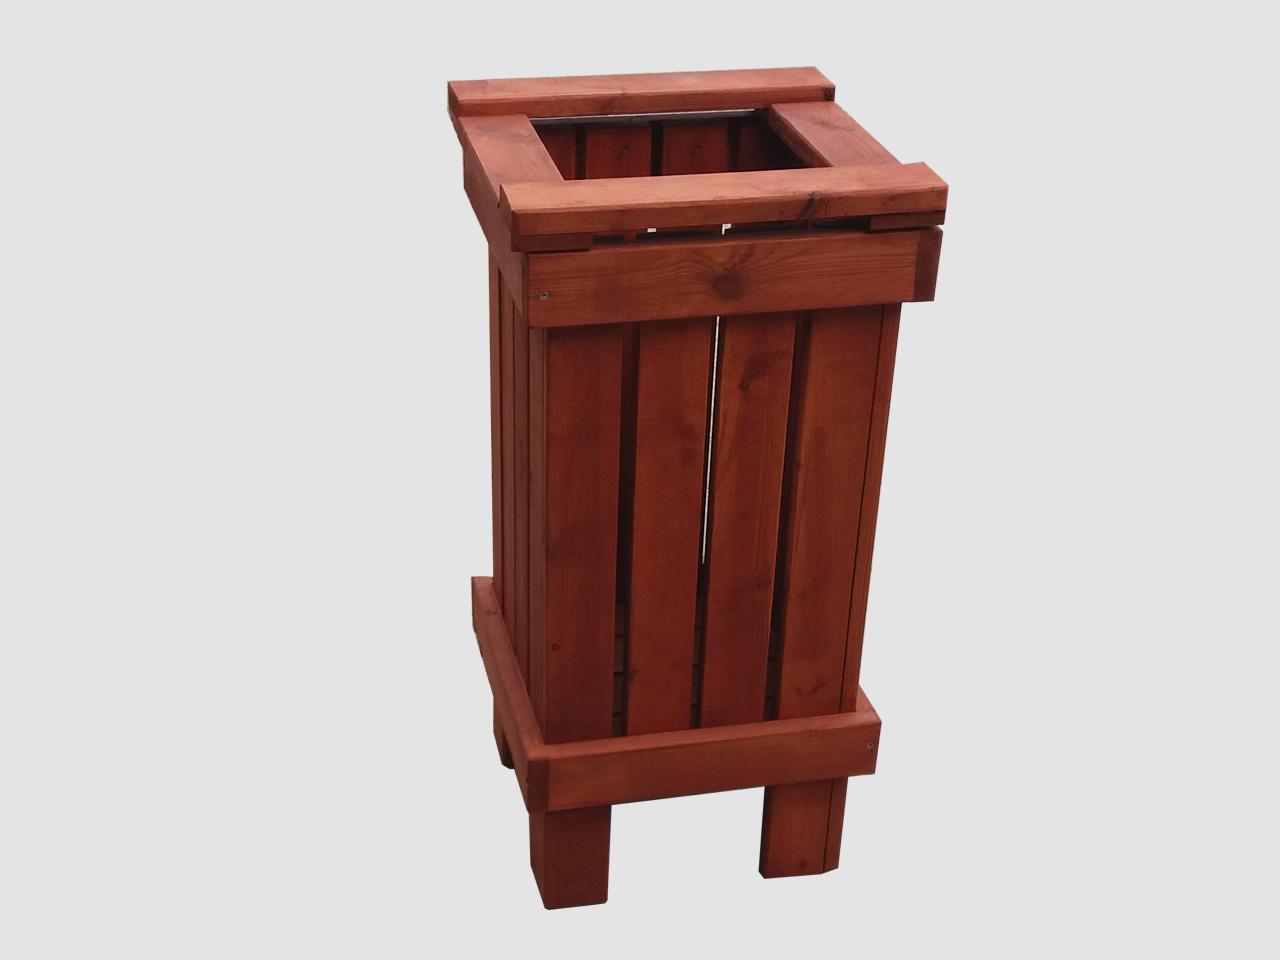 Έπιπλα Κήπου – Ειδικές Κατασκευές από ξύλο – Καλαθάκι Σκουπιδιών – Κωδ:027